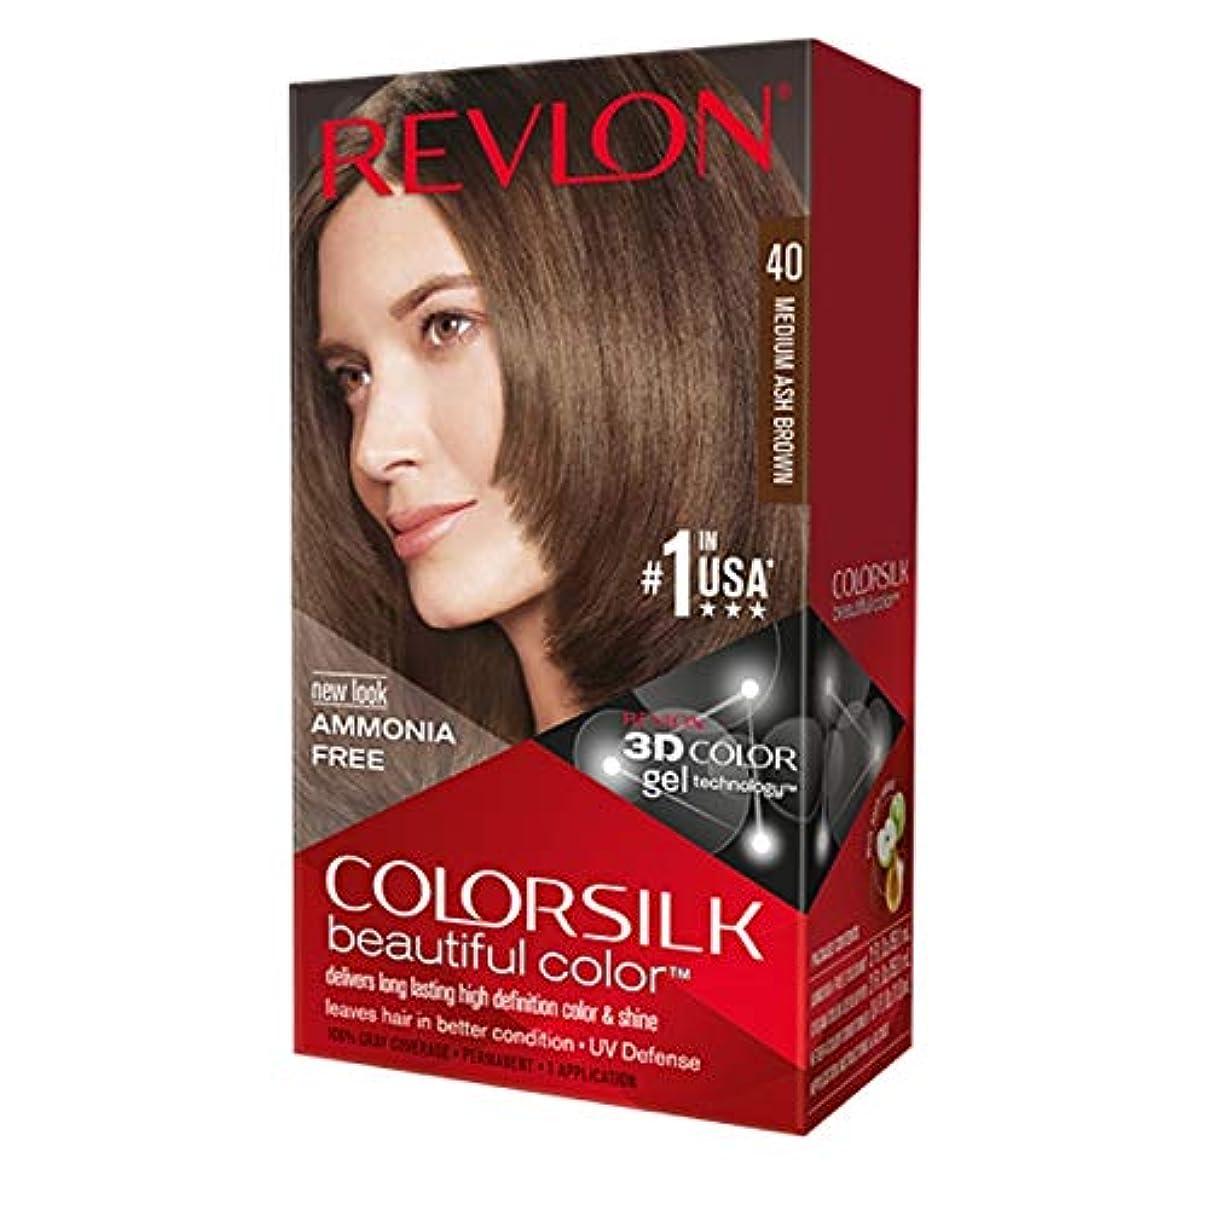 うんざり崇拝するユーザーRevlon Colorsilkヘアカラー40ミディアムアッシュブラウン1各(12パック) 12のパック